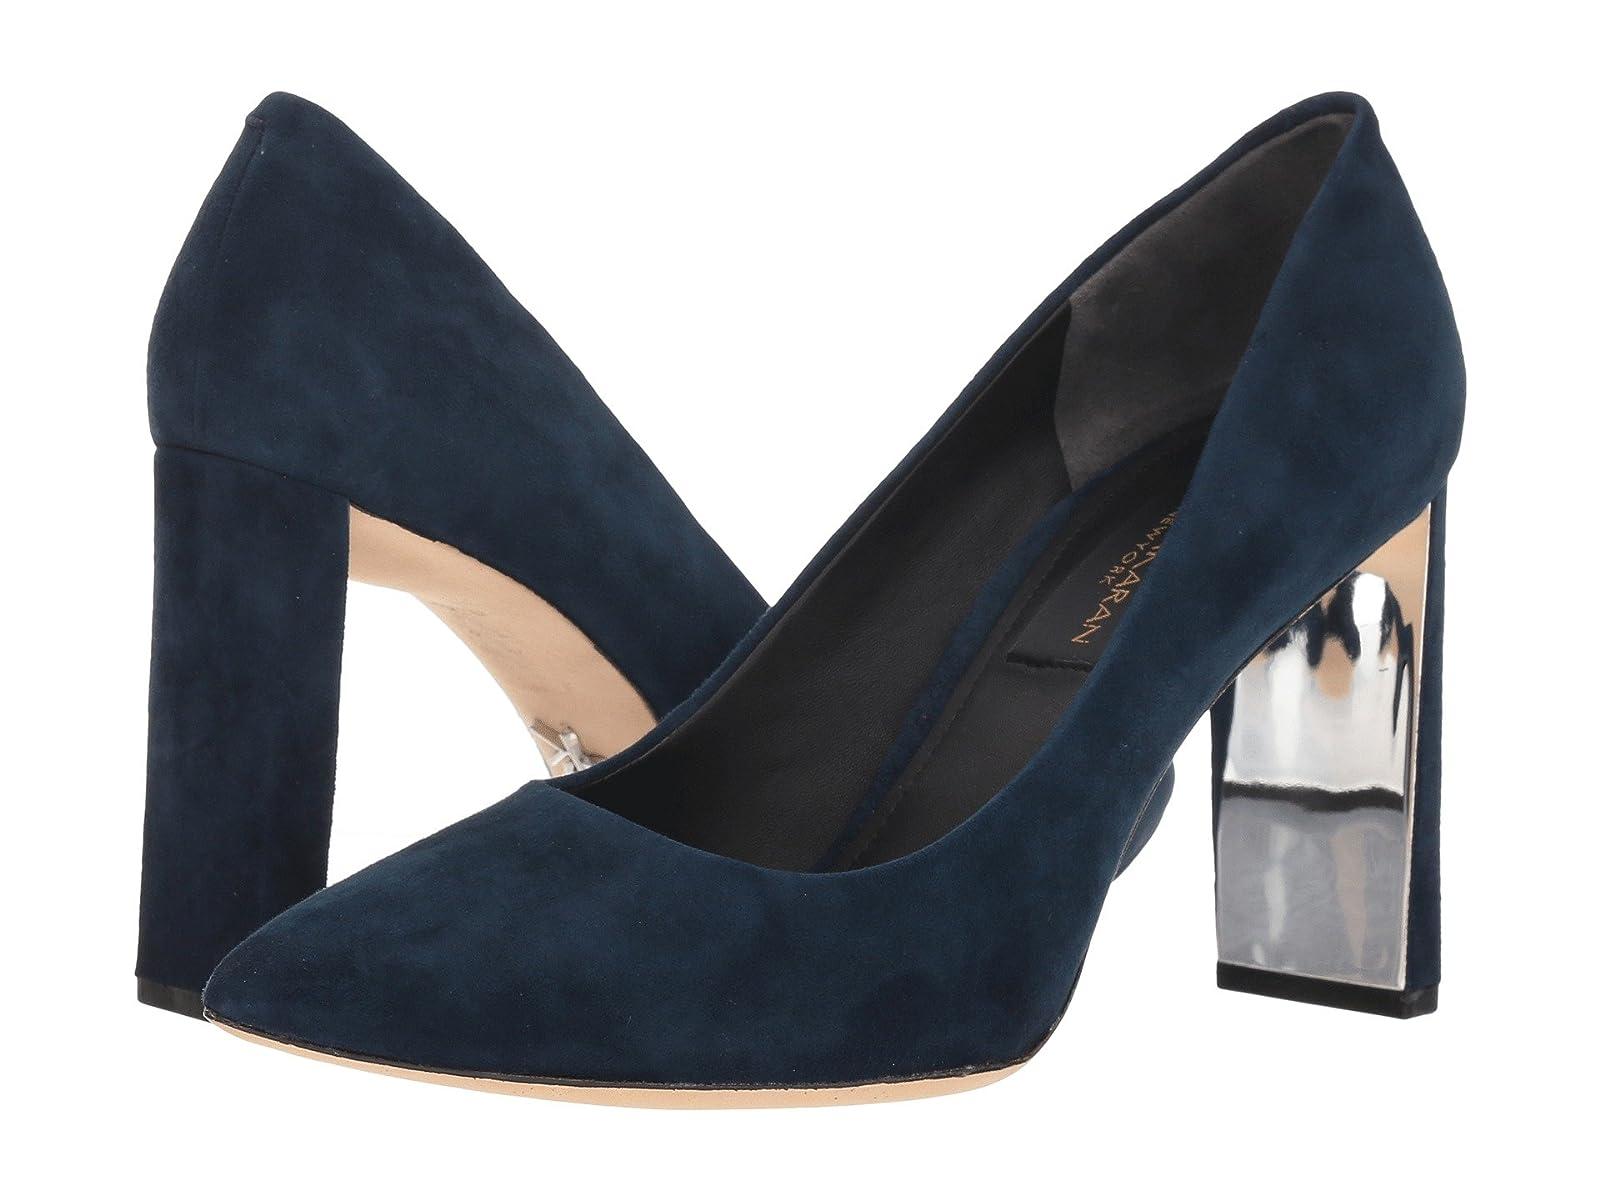 Donna Karan CrissAtmospheric grades have affordable shoes